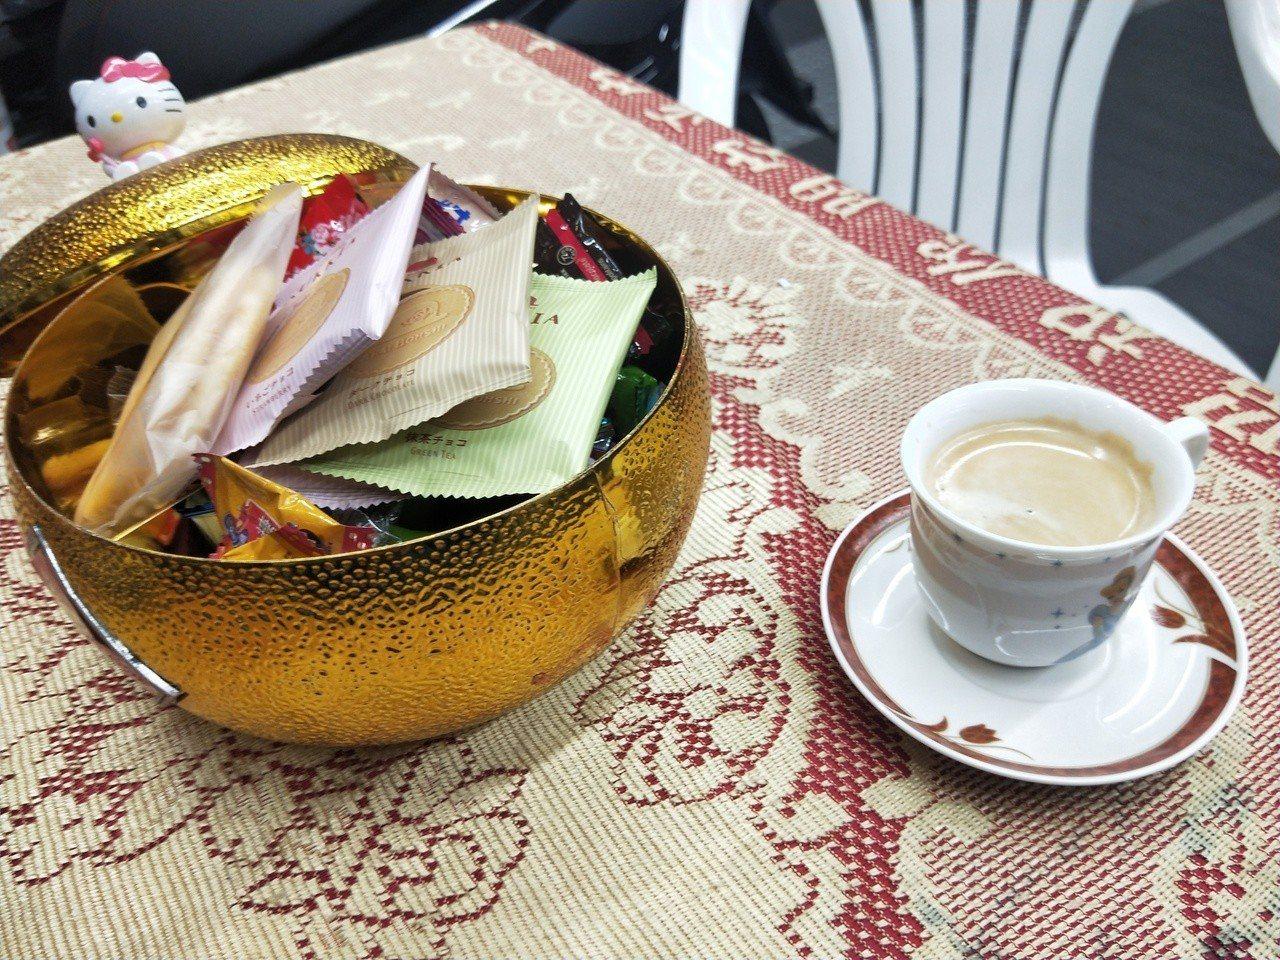 機車行特地買了一台研磨咖啡機,提供香濃咖啡讓等待的民眾品嘗。記者游明煌/攝影